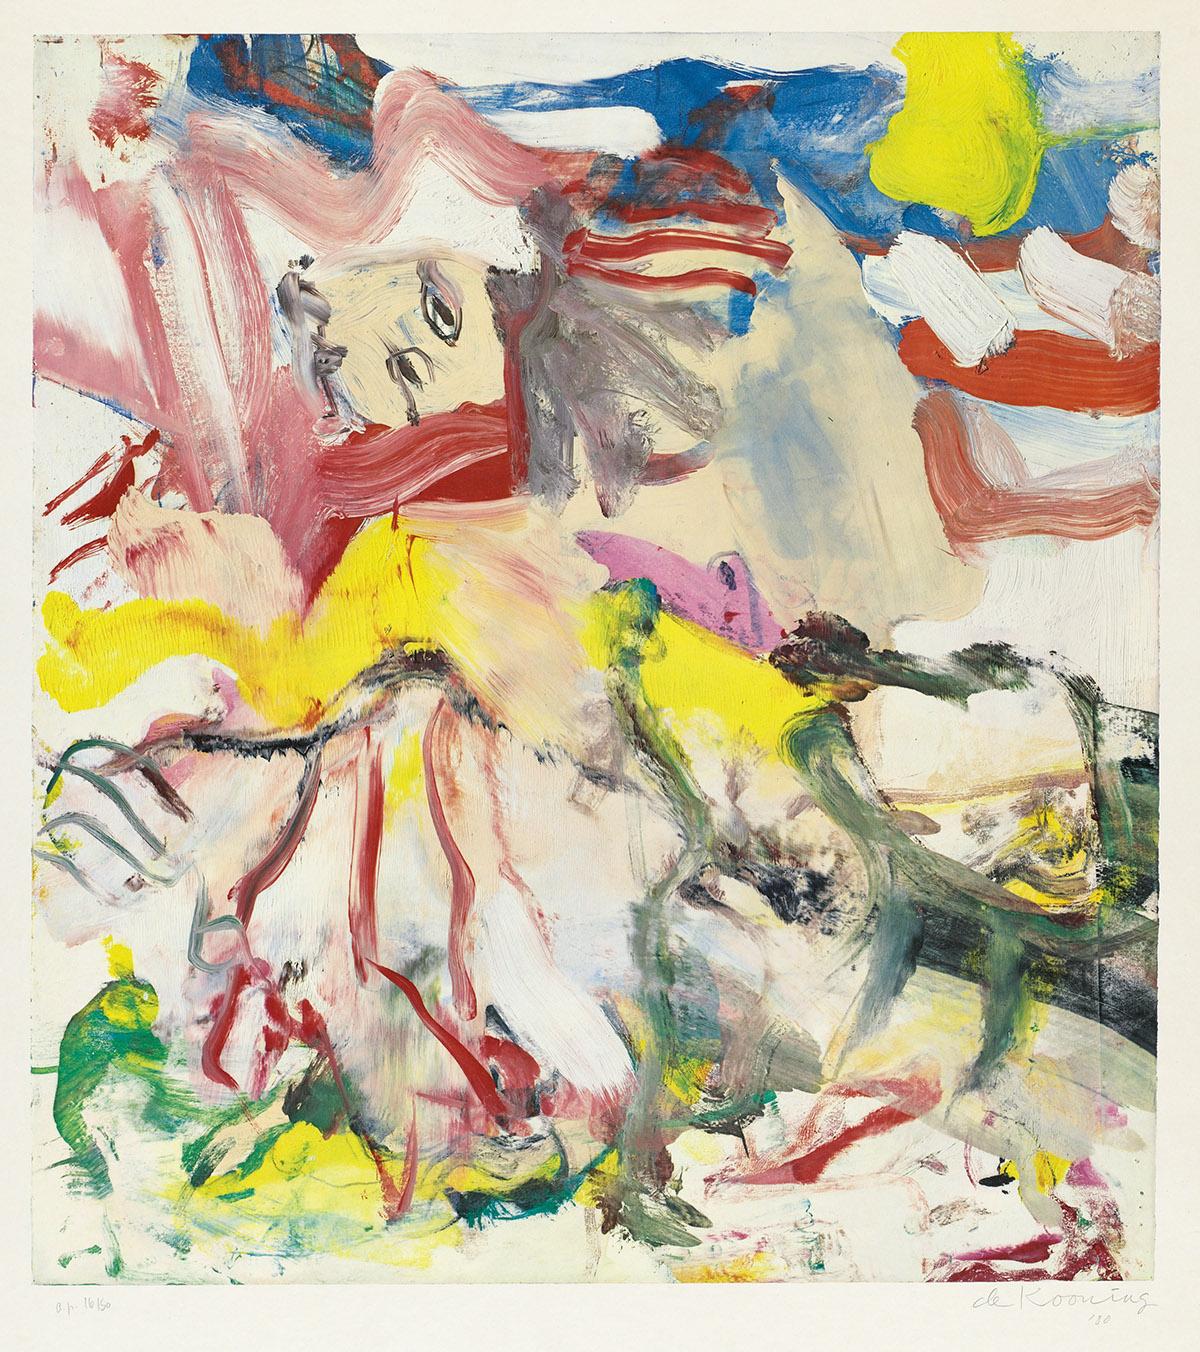 WILLEM DE KOONING Figures in Landscape #6.